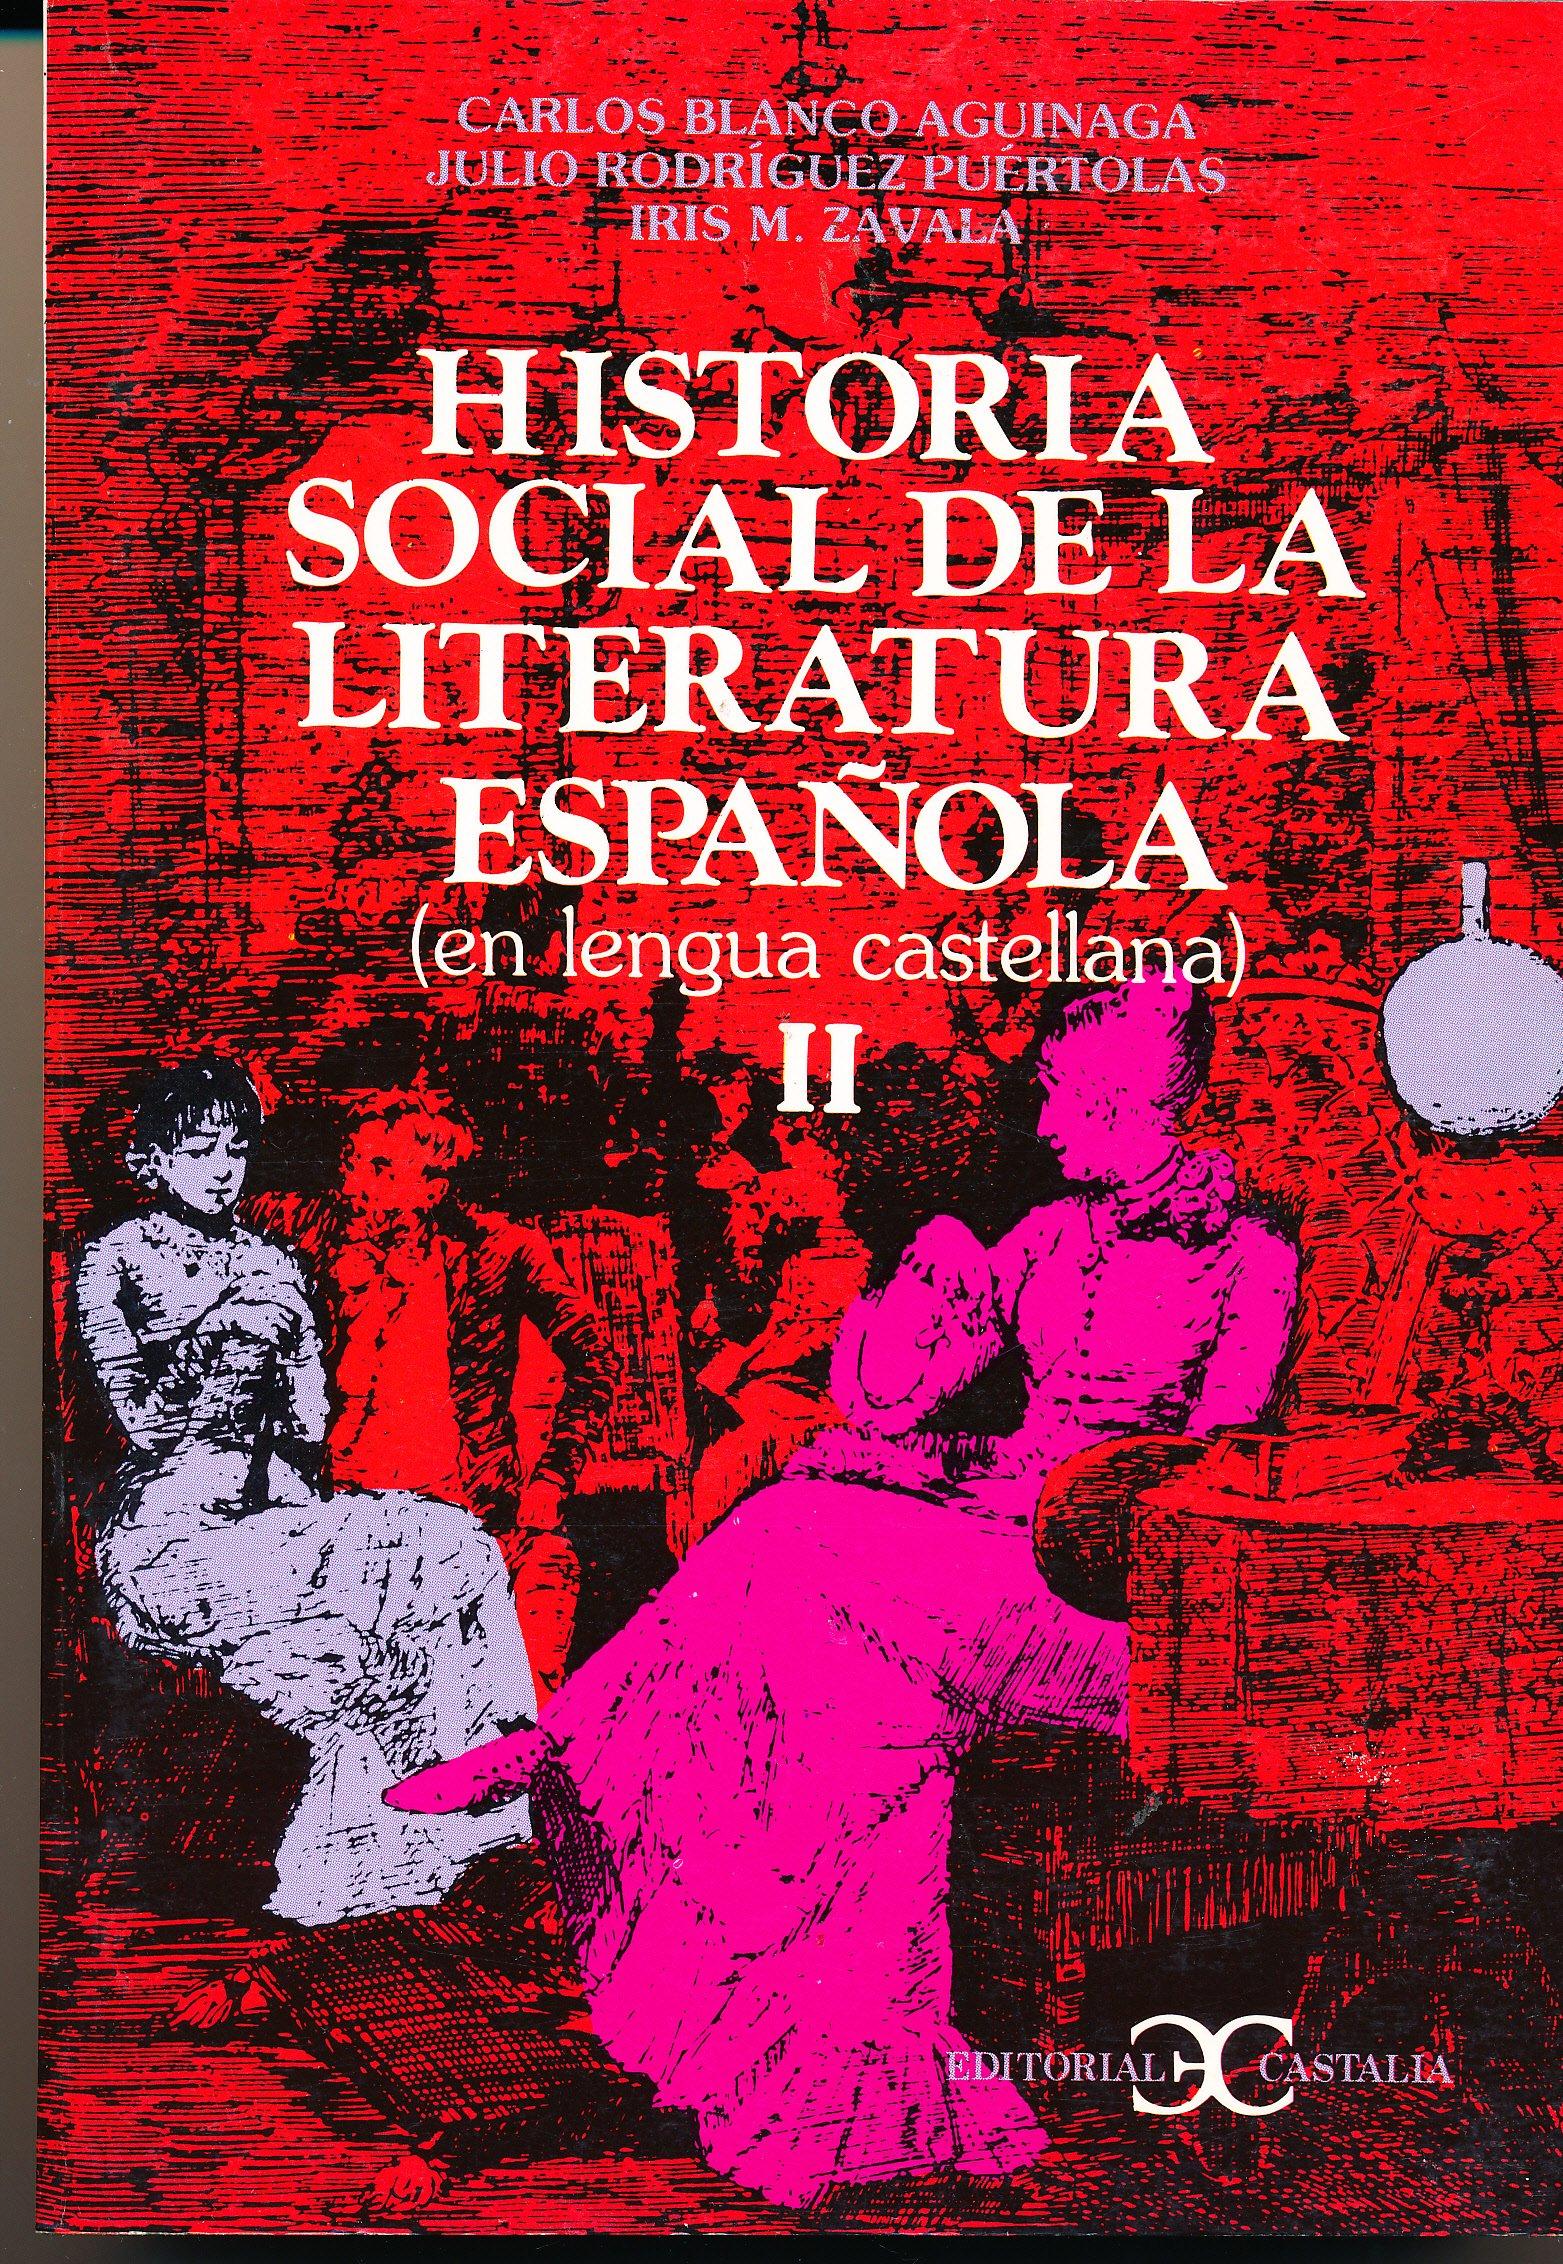 Hist.social de literatura esp.tomo2: Amazon.es: Blanco Aguinaga, Carlos: Libros